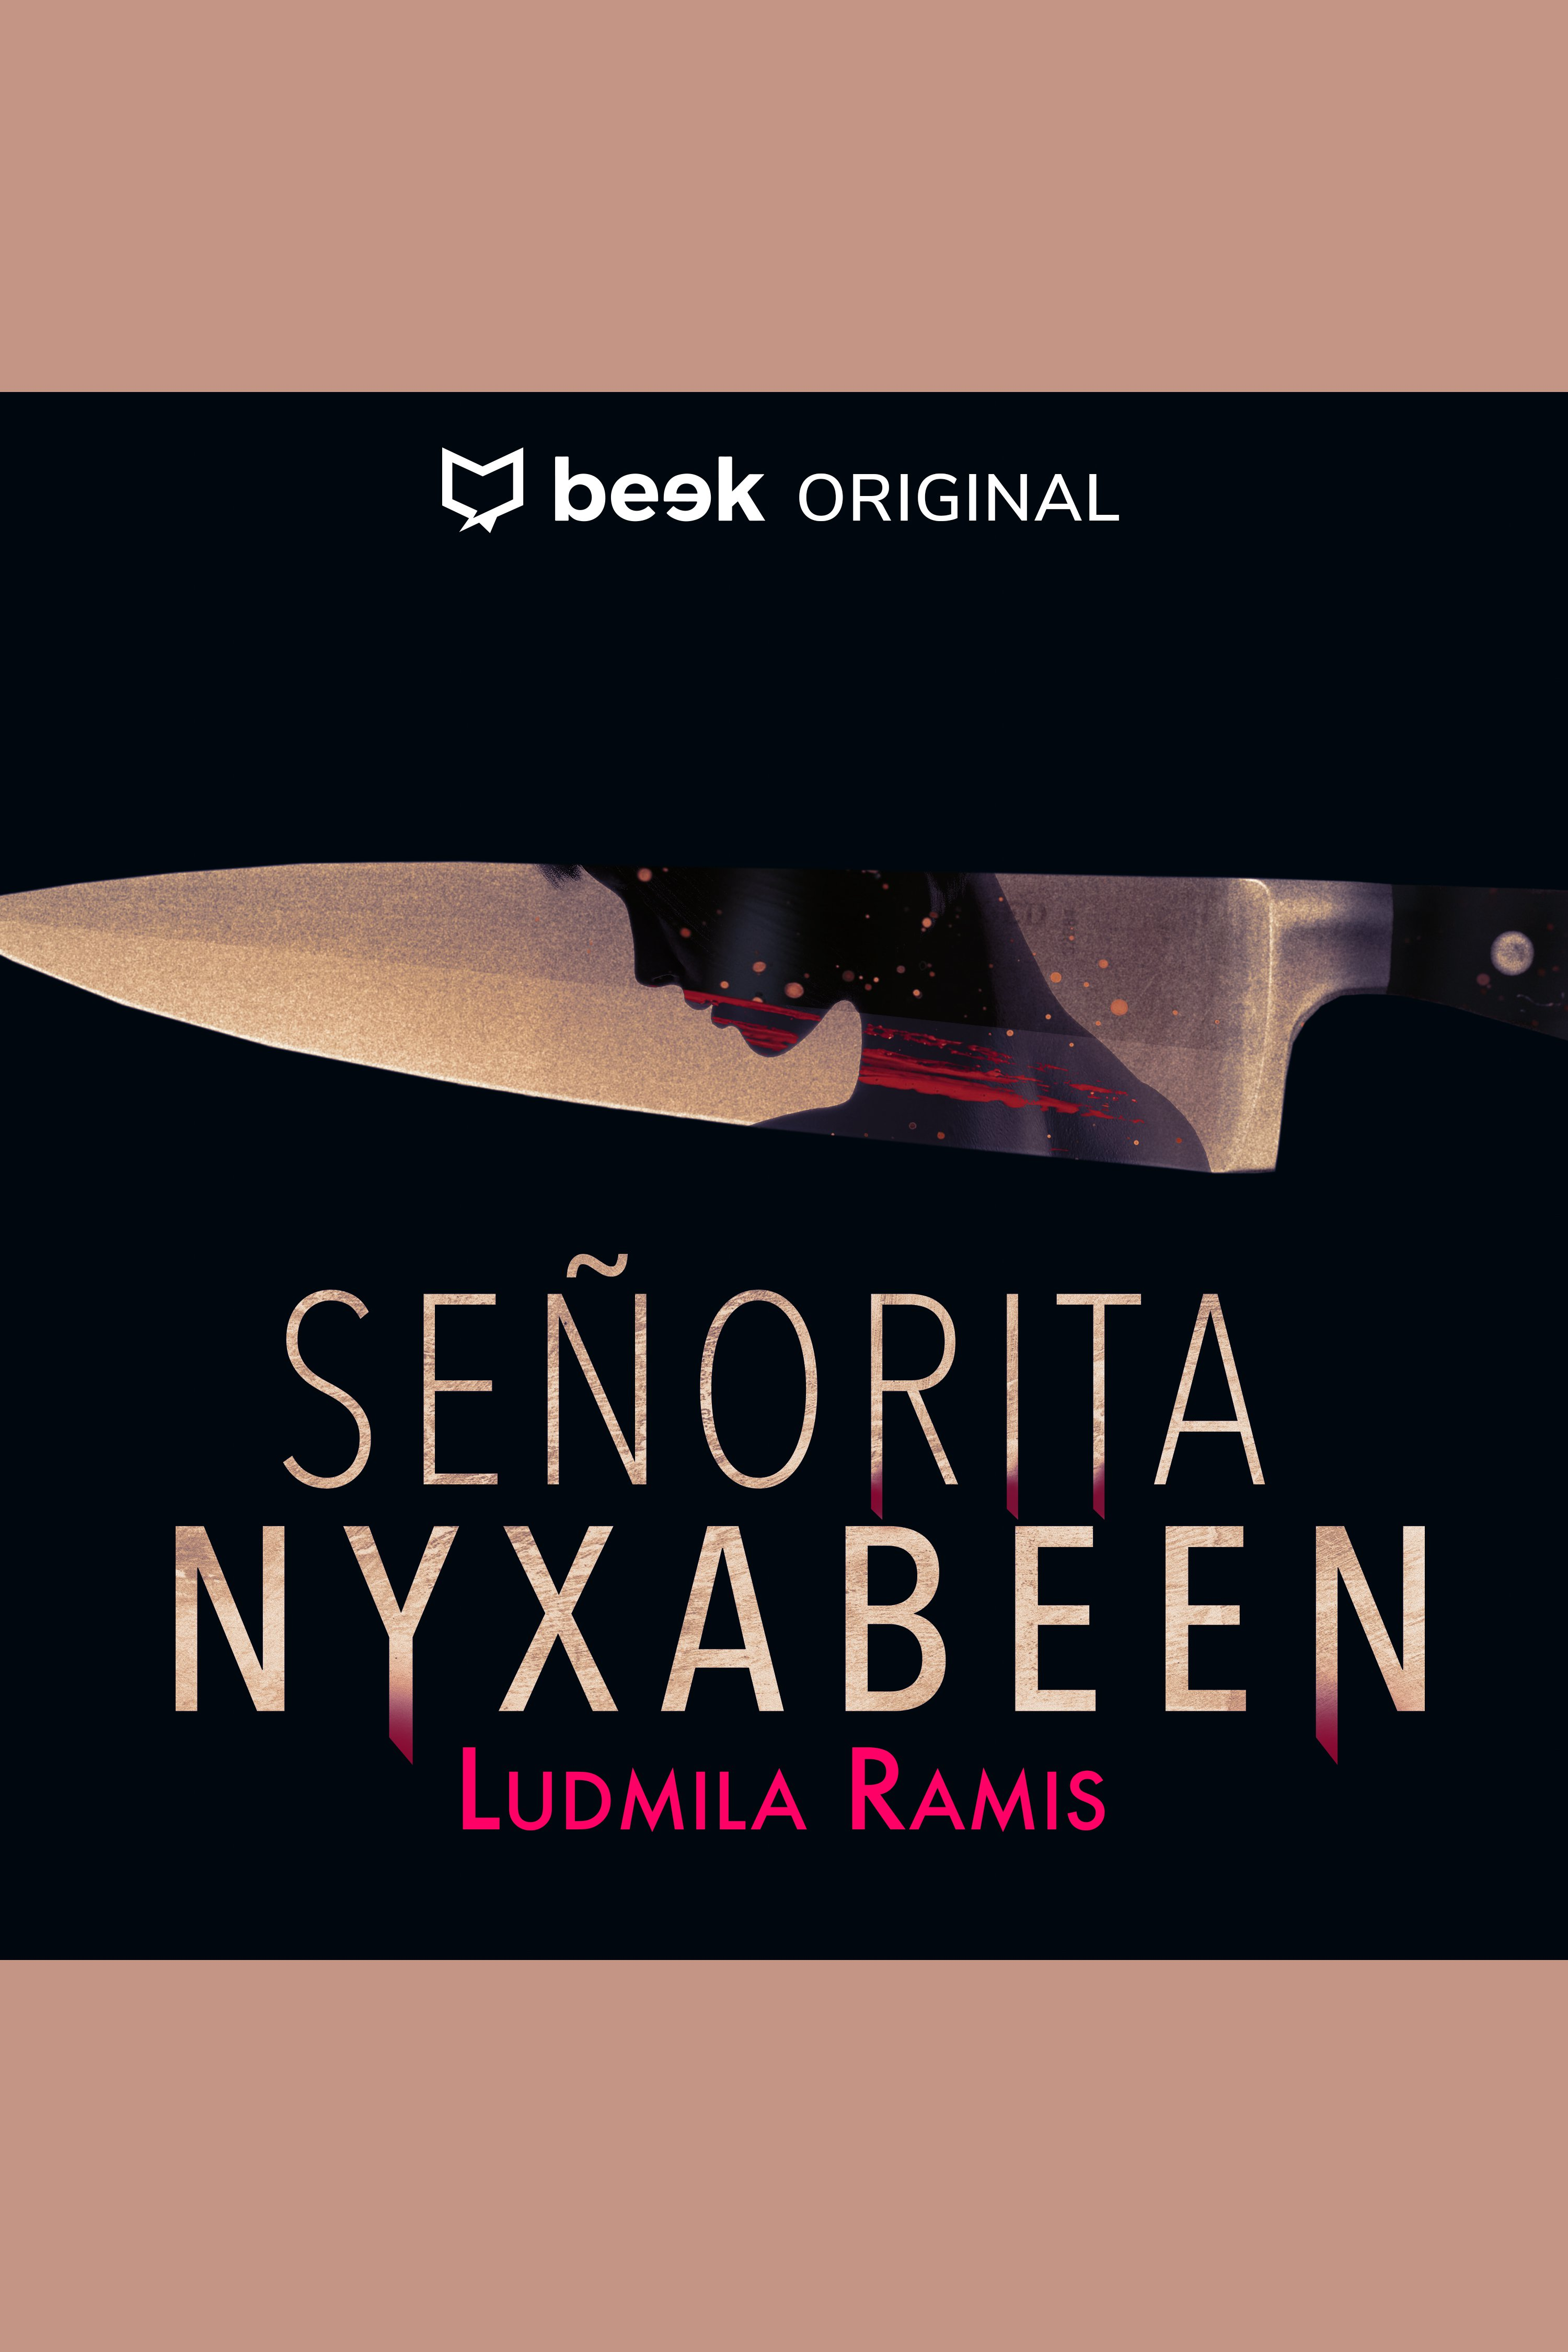 Esta es la portada del audiolibro Señorita Nyxabeen